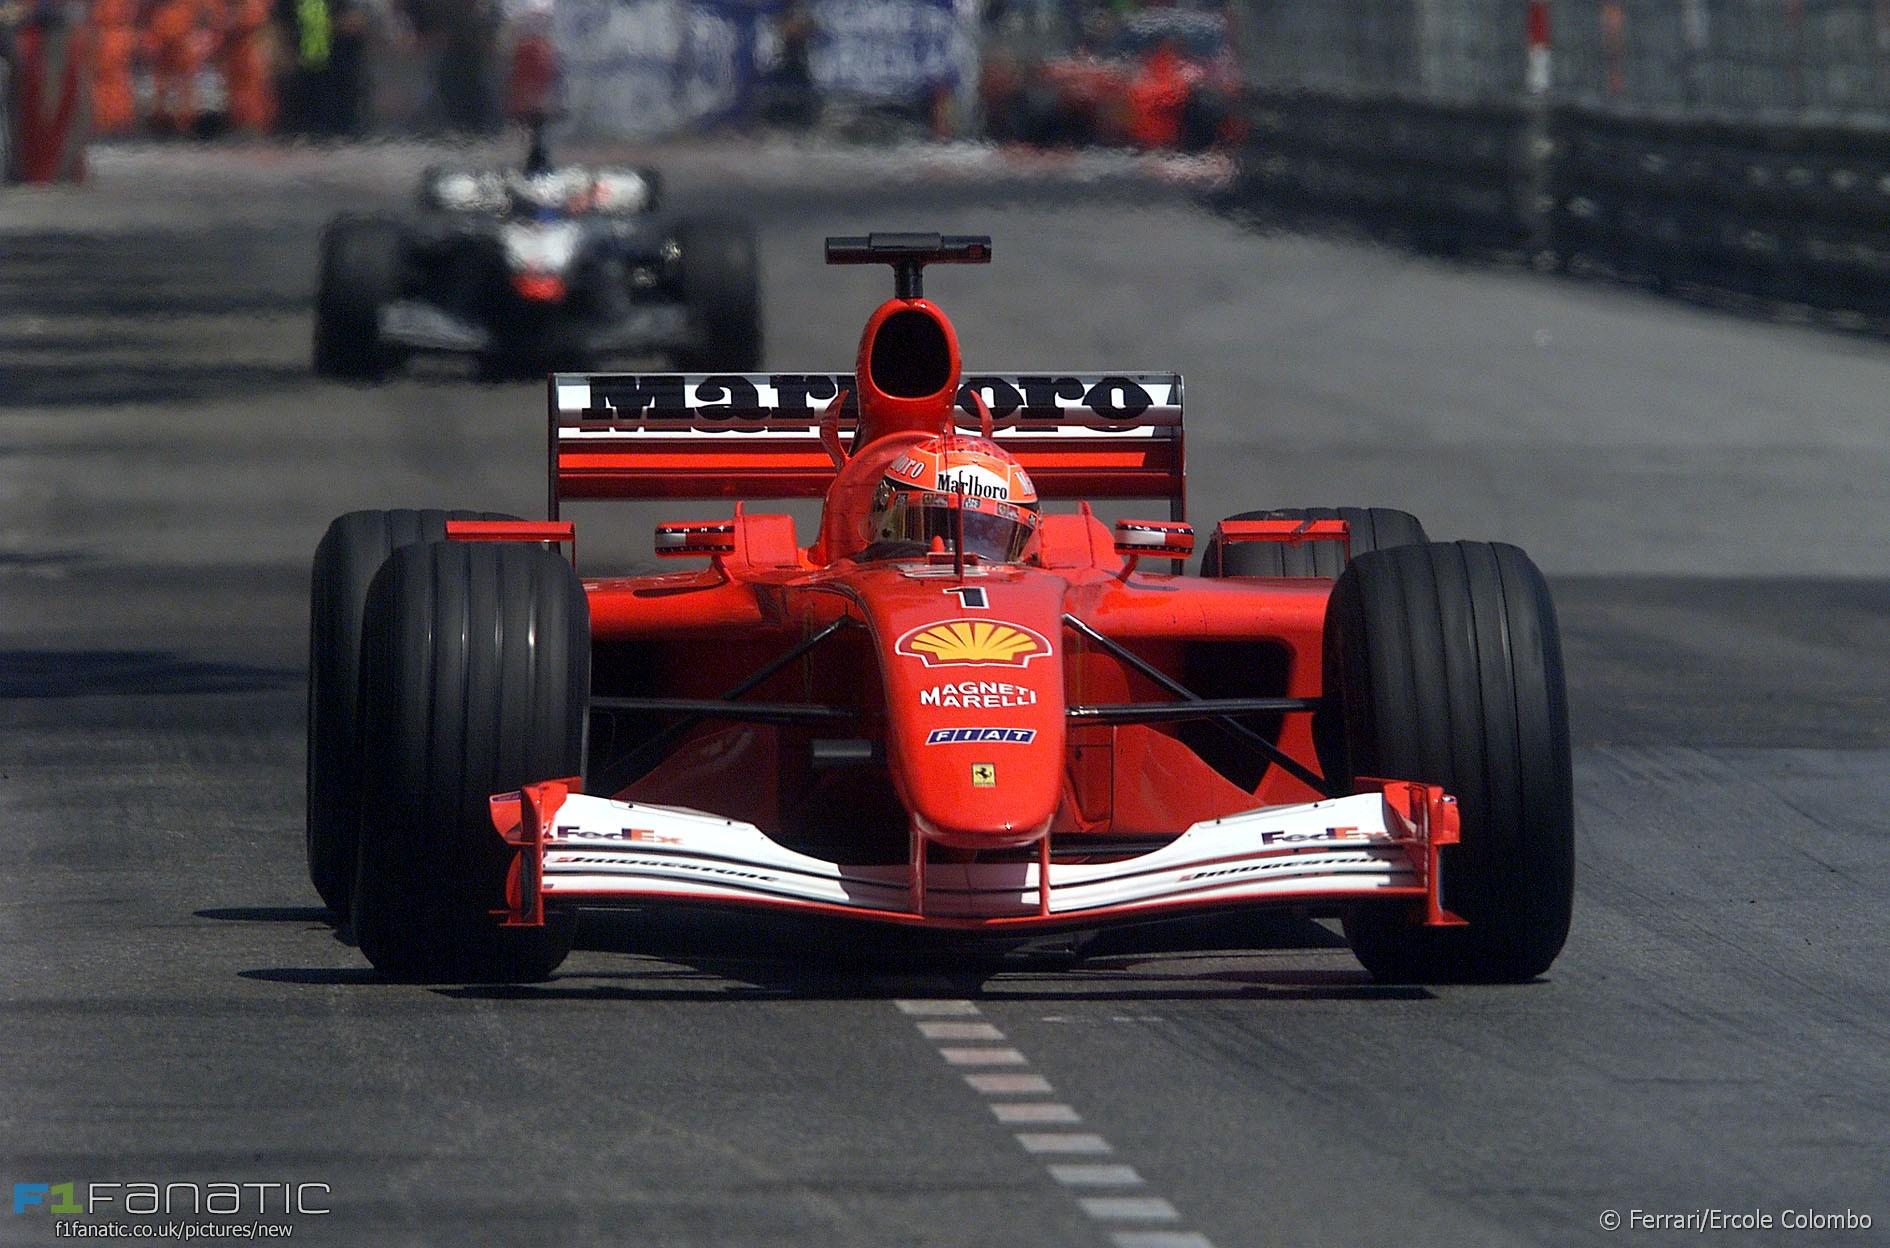 Michael Schumacher, Ferrari, Monte-Carlo, Monaco, 2001